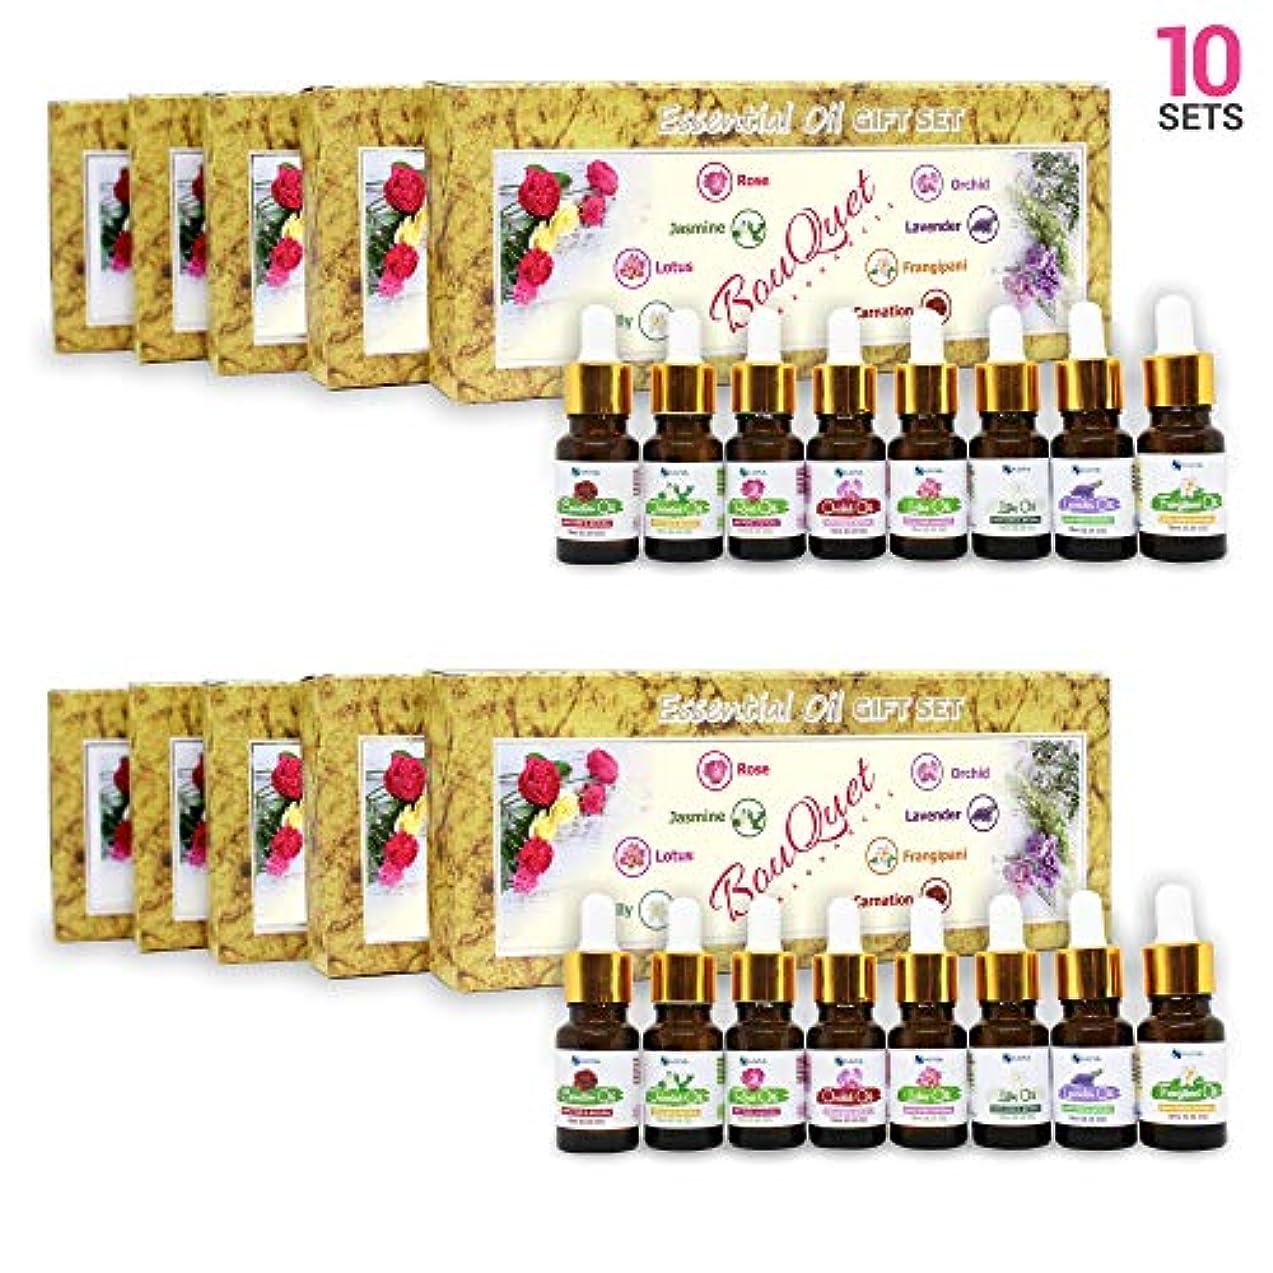 ばか主婦発掘Aromatherapy Fragrance Oils (Set of 10) - 100% Natural Therapeutic Essential Oils, 10ml each (Rose, Jasmine, Lotus...